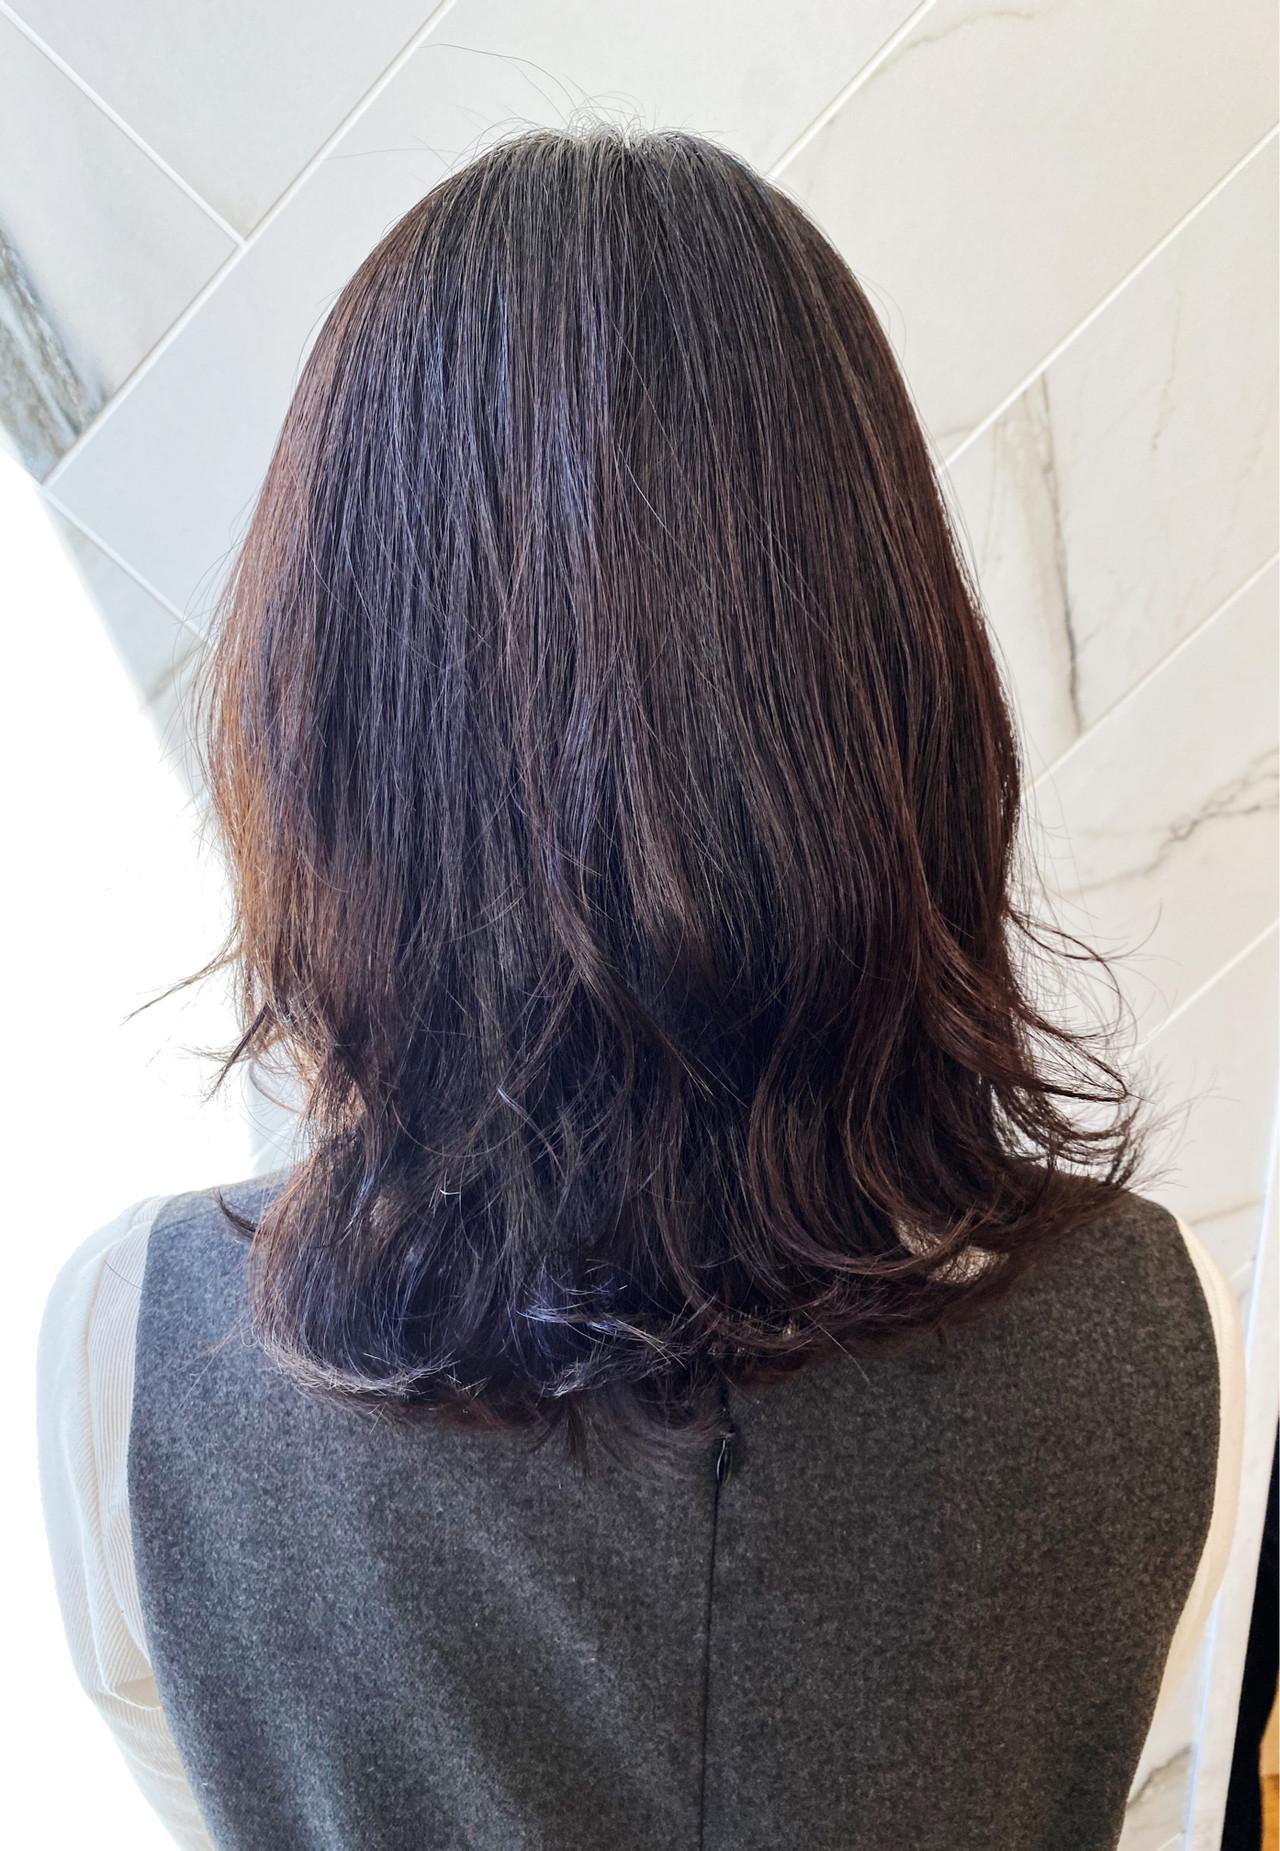 髪質改善 伸ばしかけ ミディアム ナチュラル ヘアスタイルや髪型の写真・画像 | 髪質改善、モテ髪カットのプロ!Zina出口耕太郎 / Zina CENTRAL